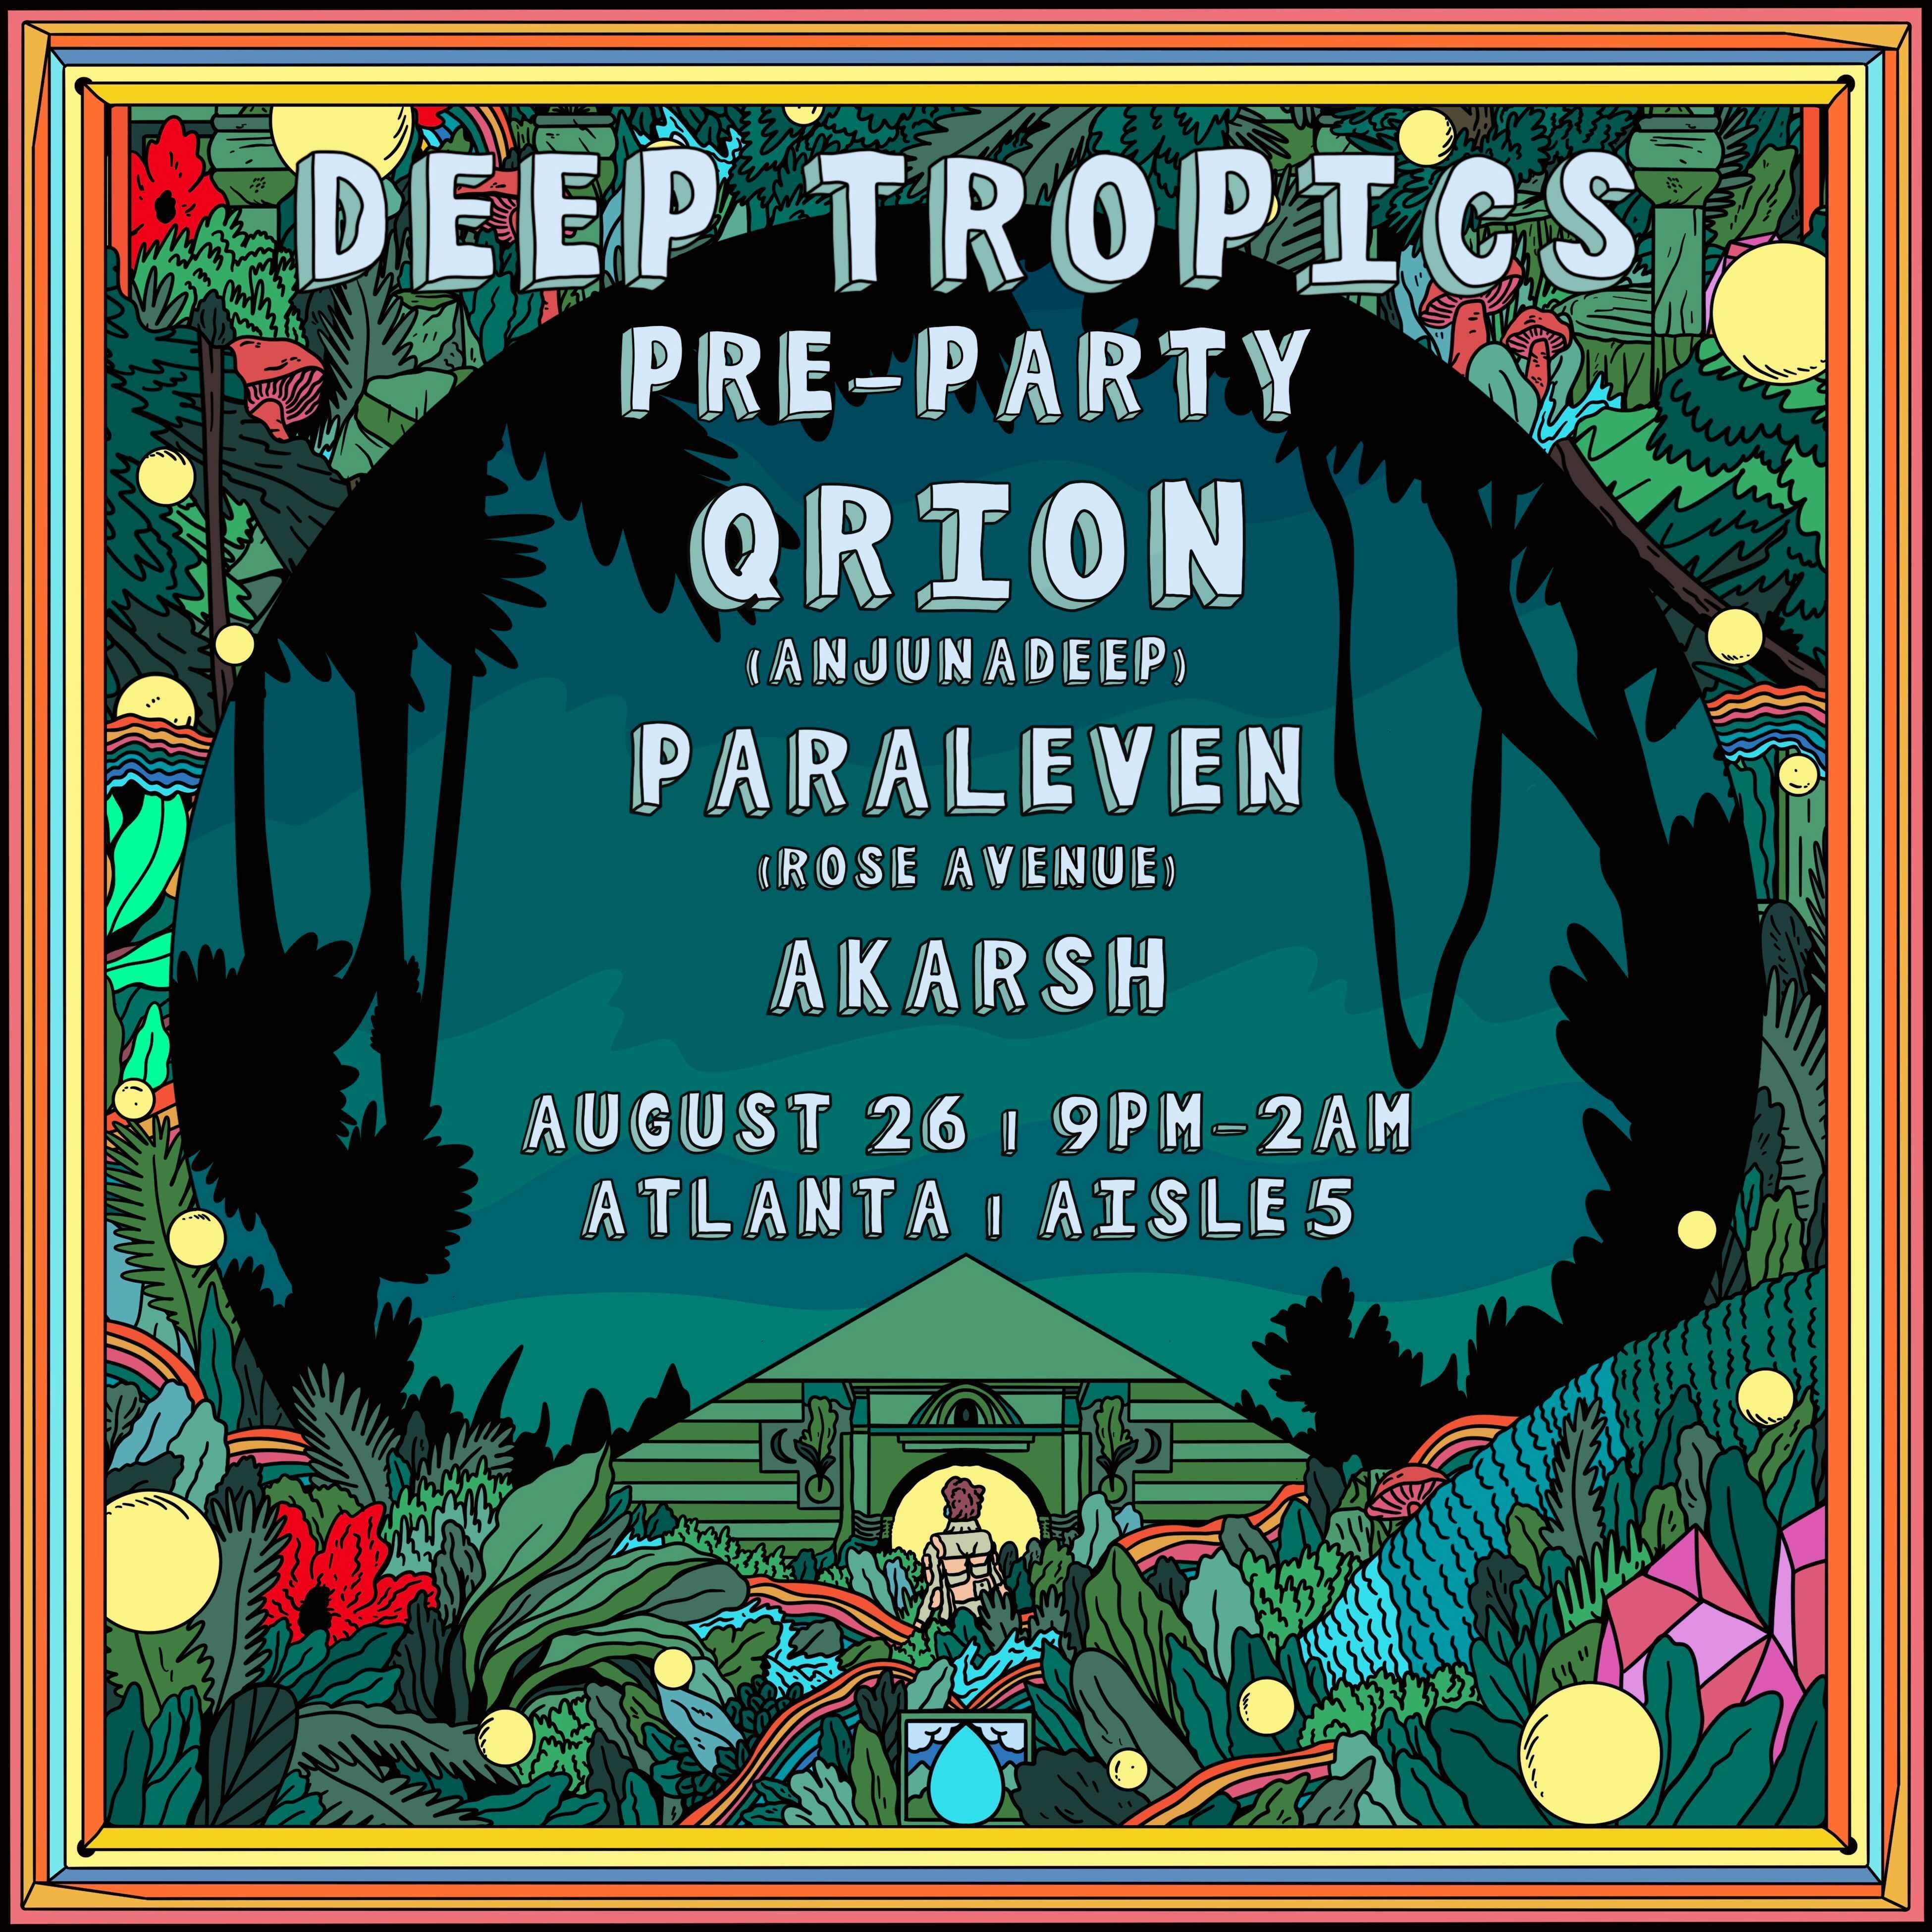 Deep Tropics Pre-Party ft. Qrion: Main Image